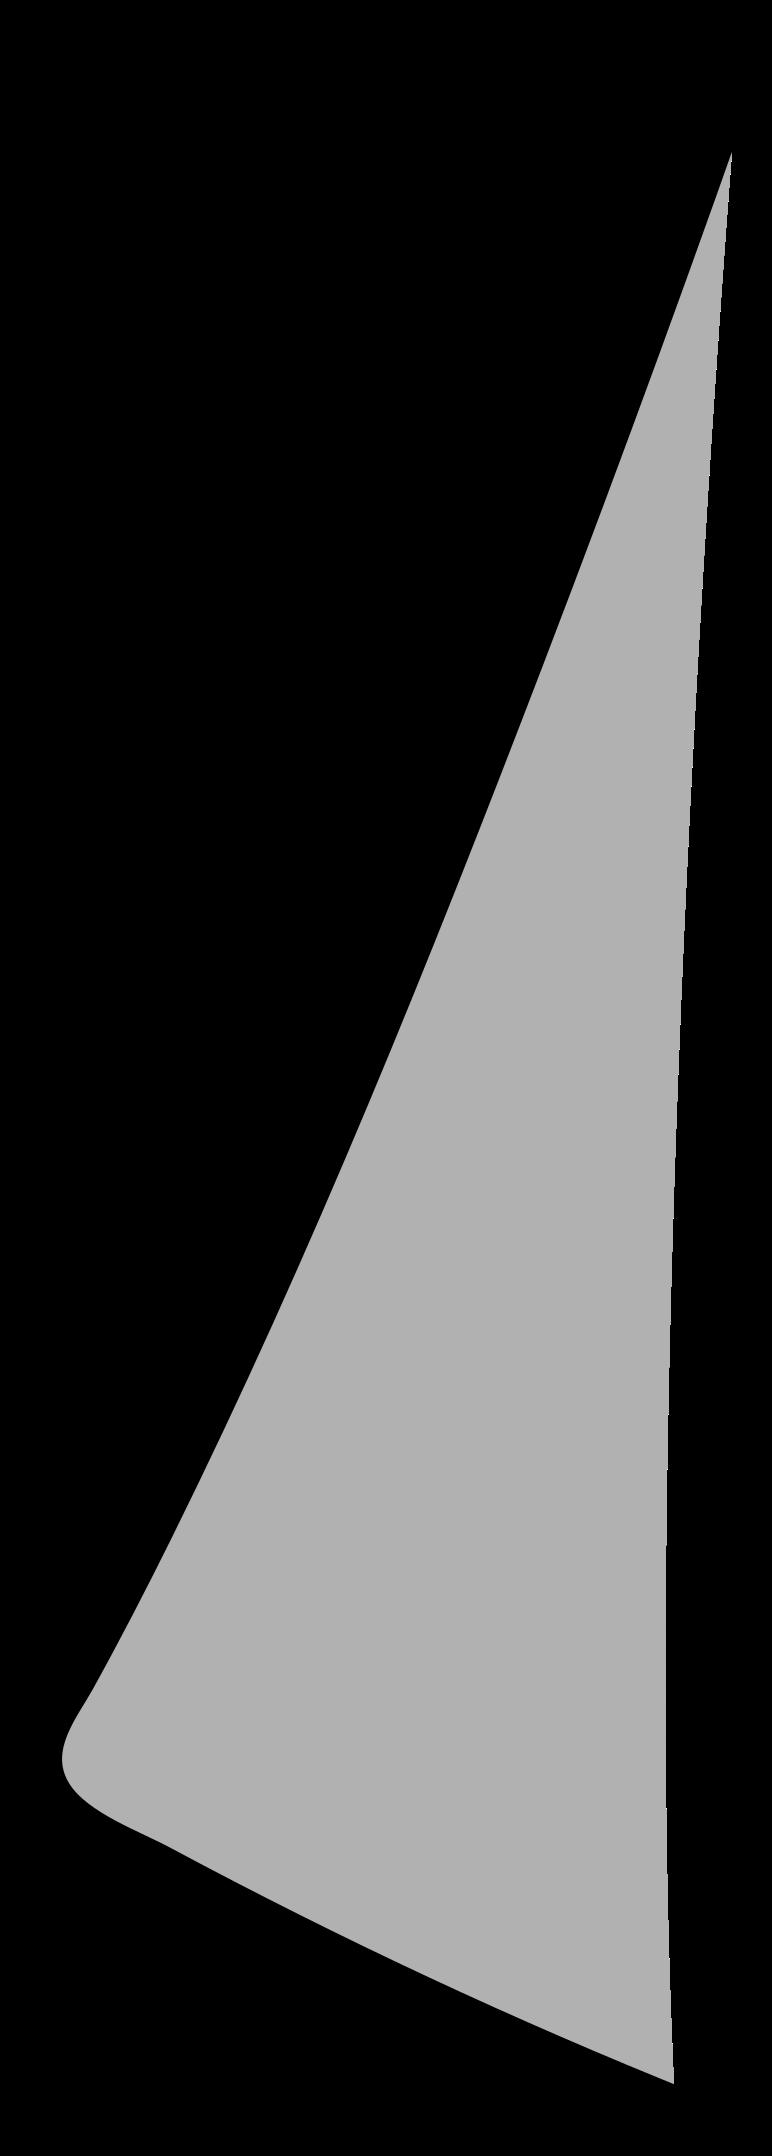 folder corner Clipart illustration in PNG, SVG